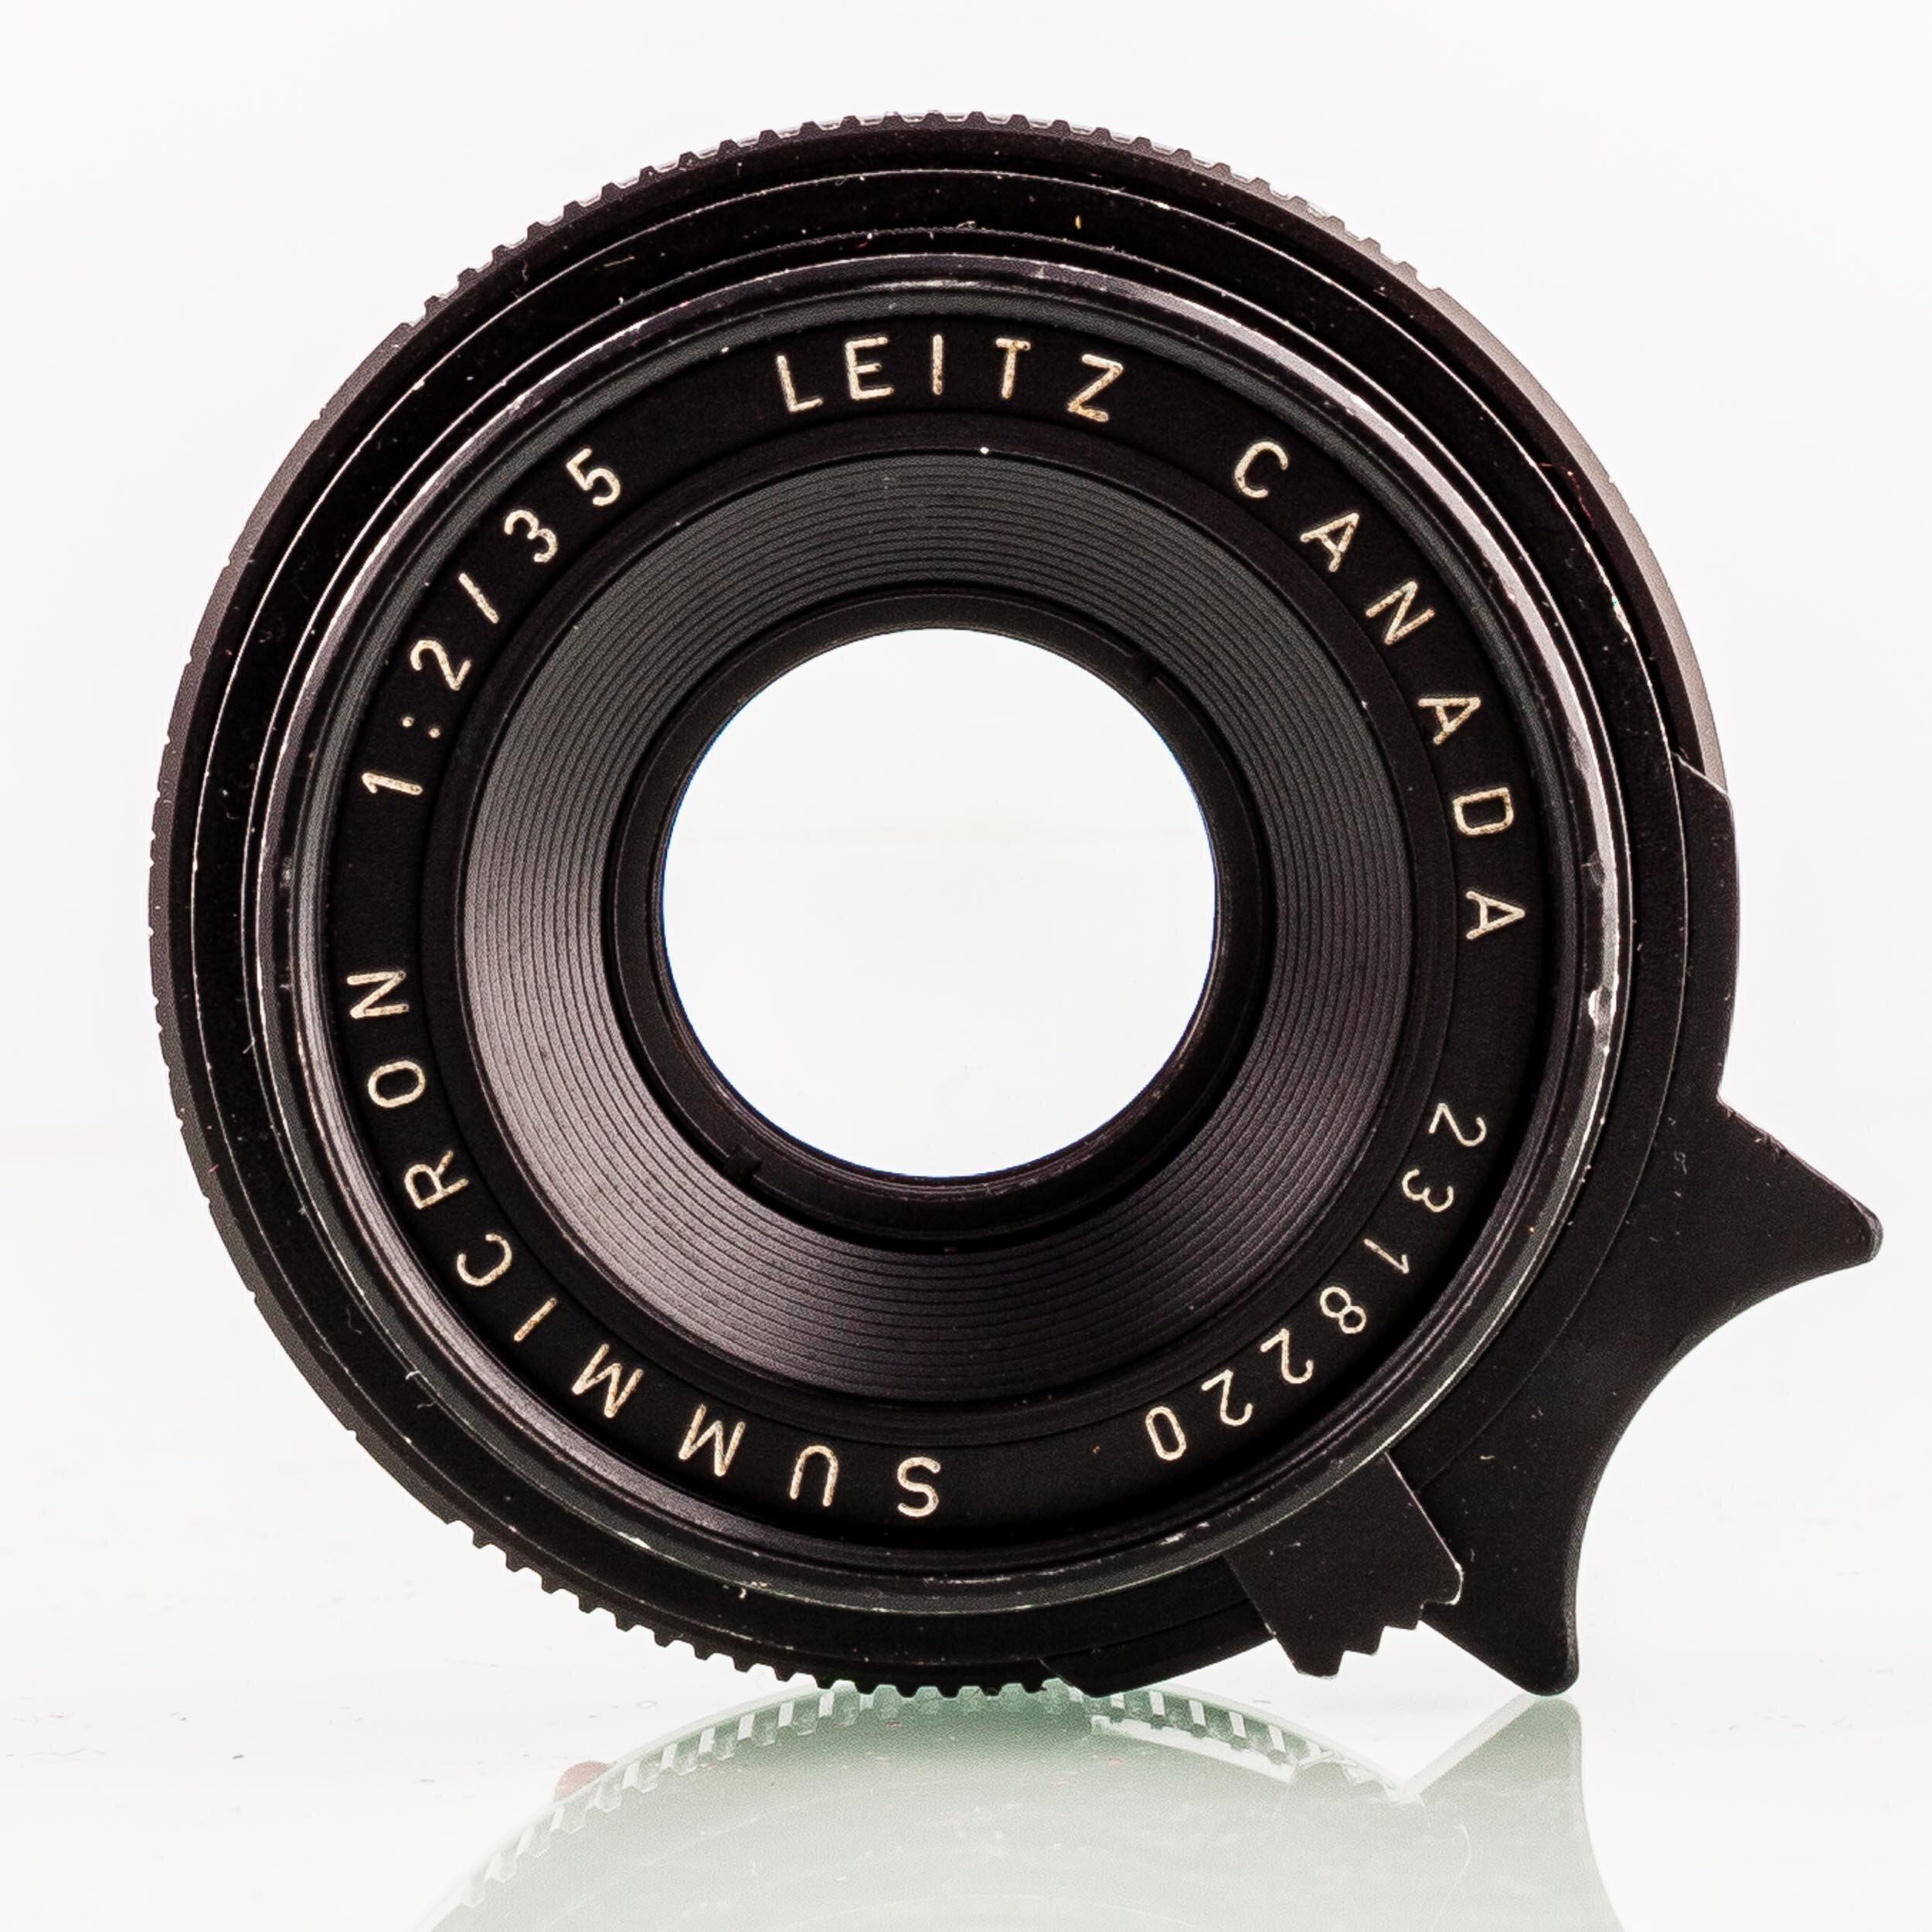 Leica Summicron-M 2/35mm black 1969